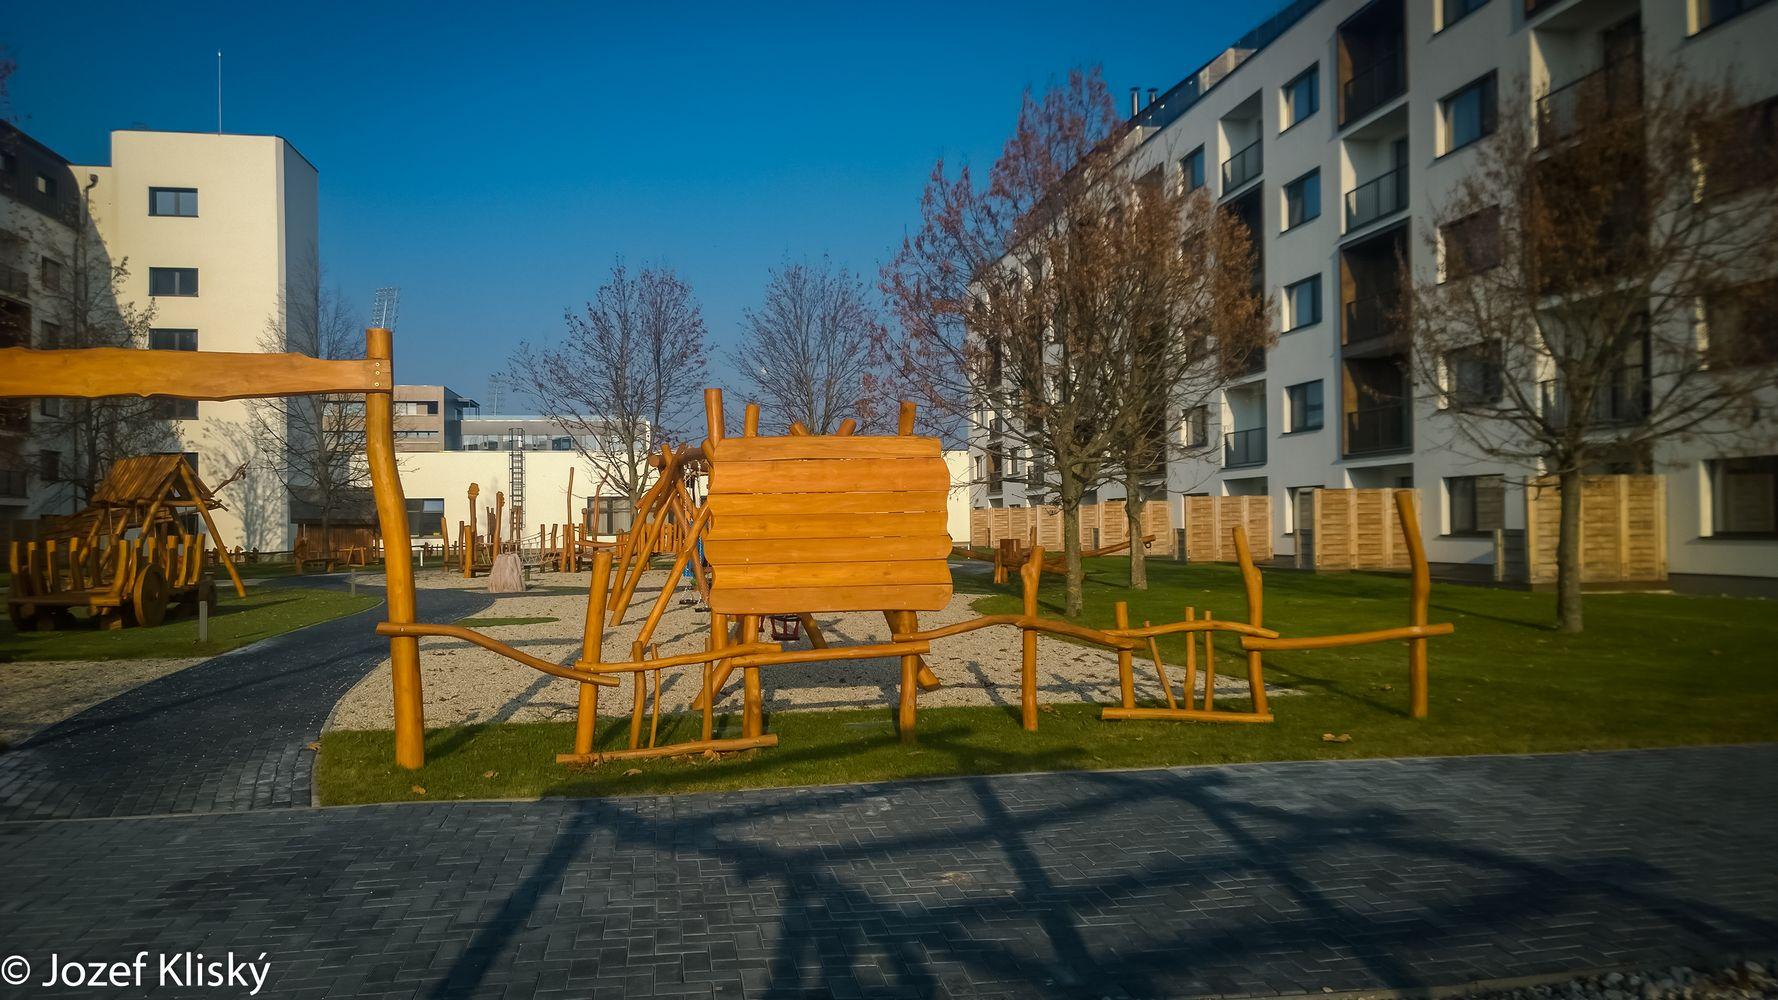 Drevená tabuľa a ohrada - mobilár